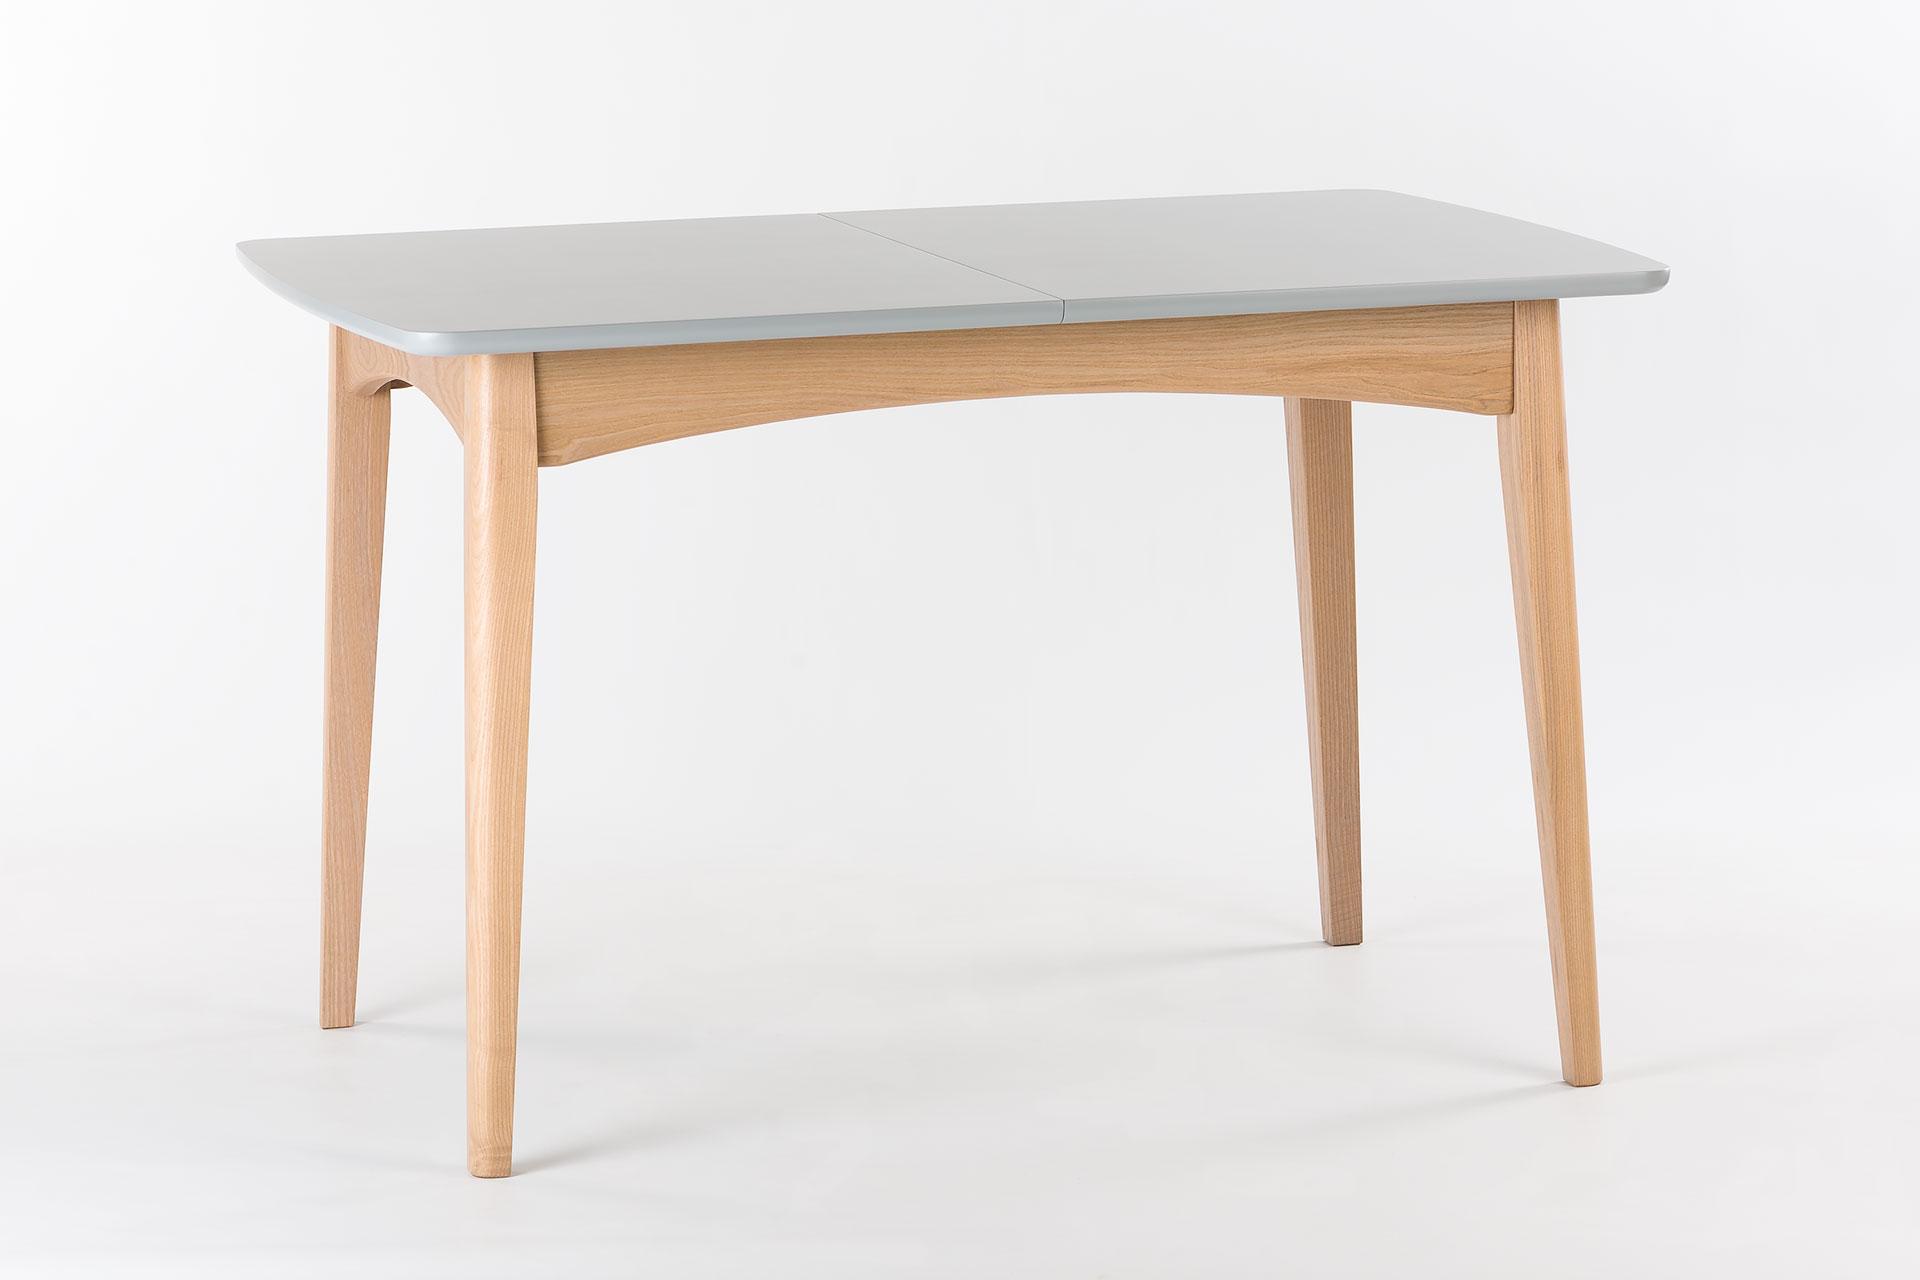 """Раскладной кухонный стол """"Венти"""" - прямоугольная столешница с раскладным механизмом, покрыта серой эмалью, цвет RAL-7004. Ножки и царга с твердого дерева, тонированы, цвет SE-7509. Твердое дерево."""